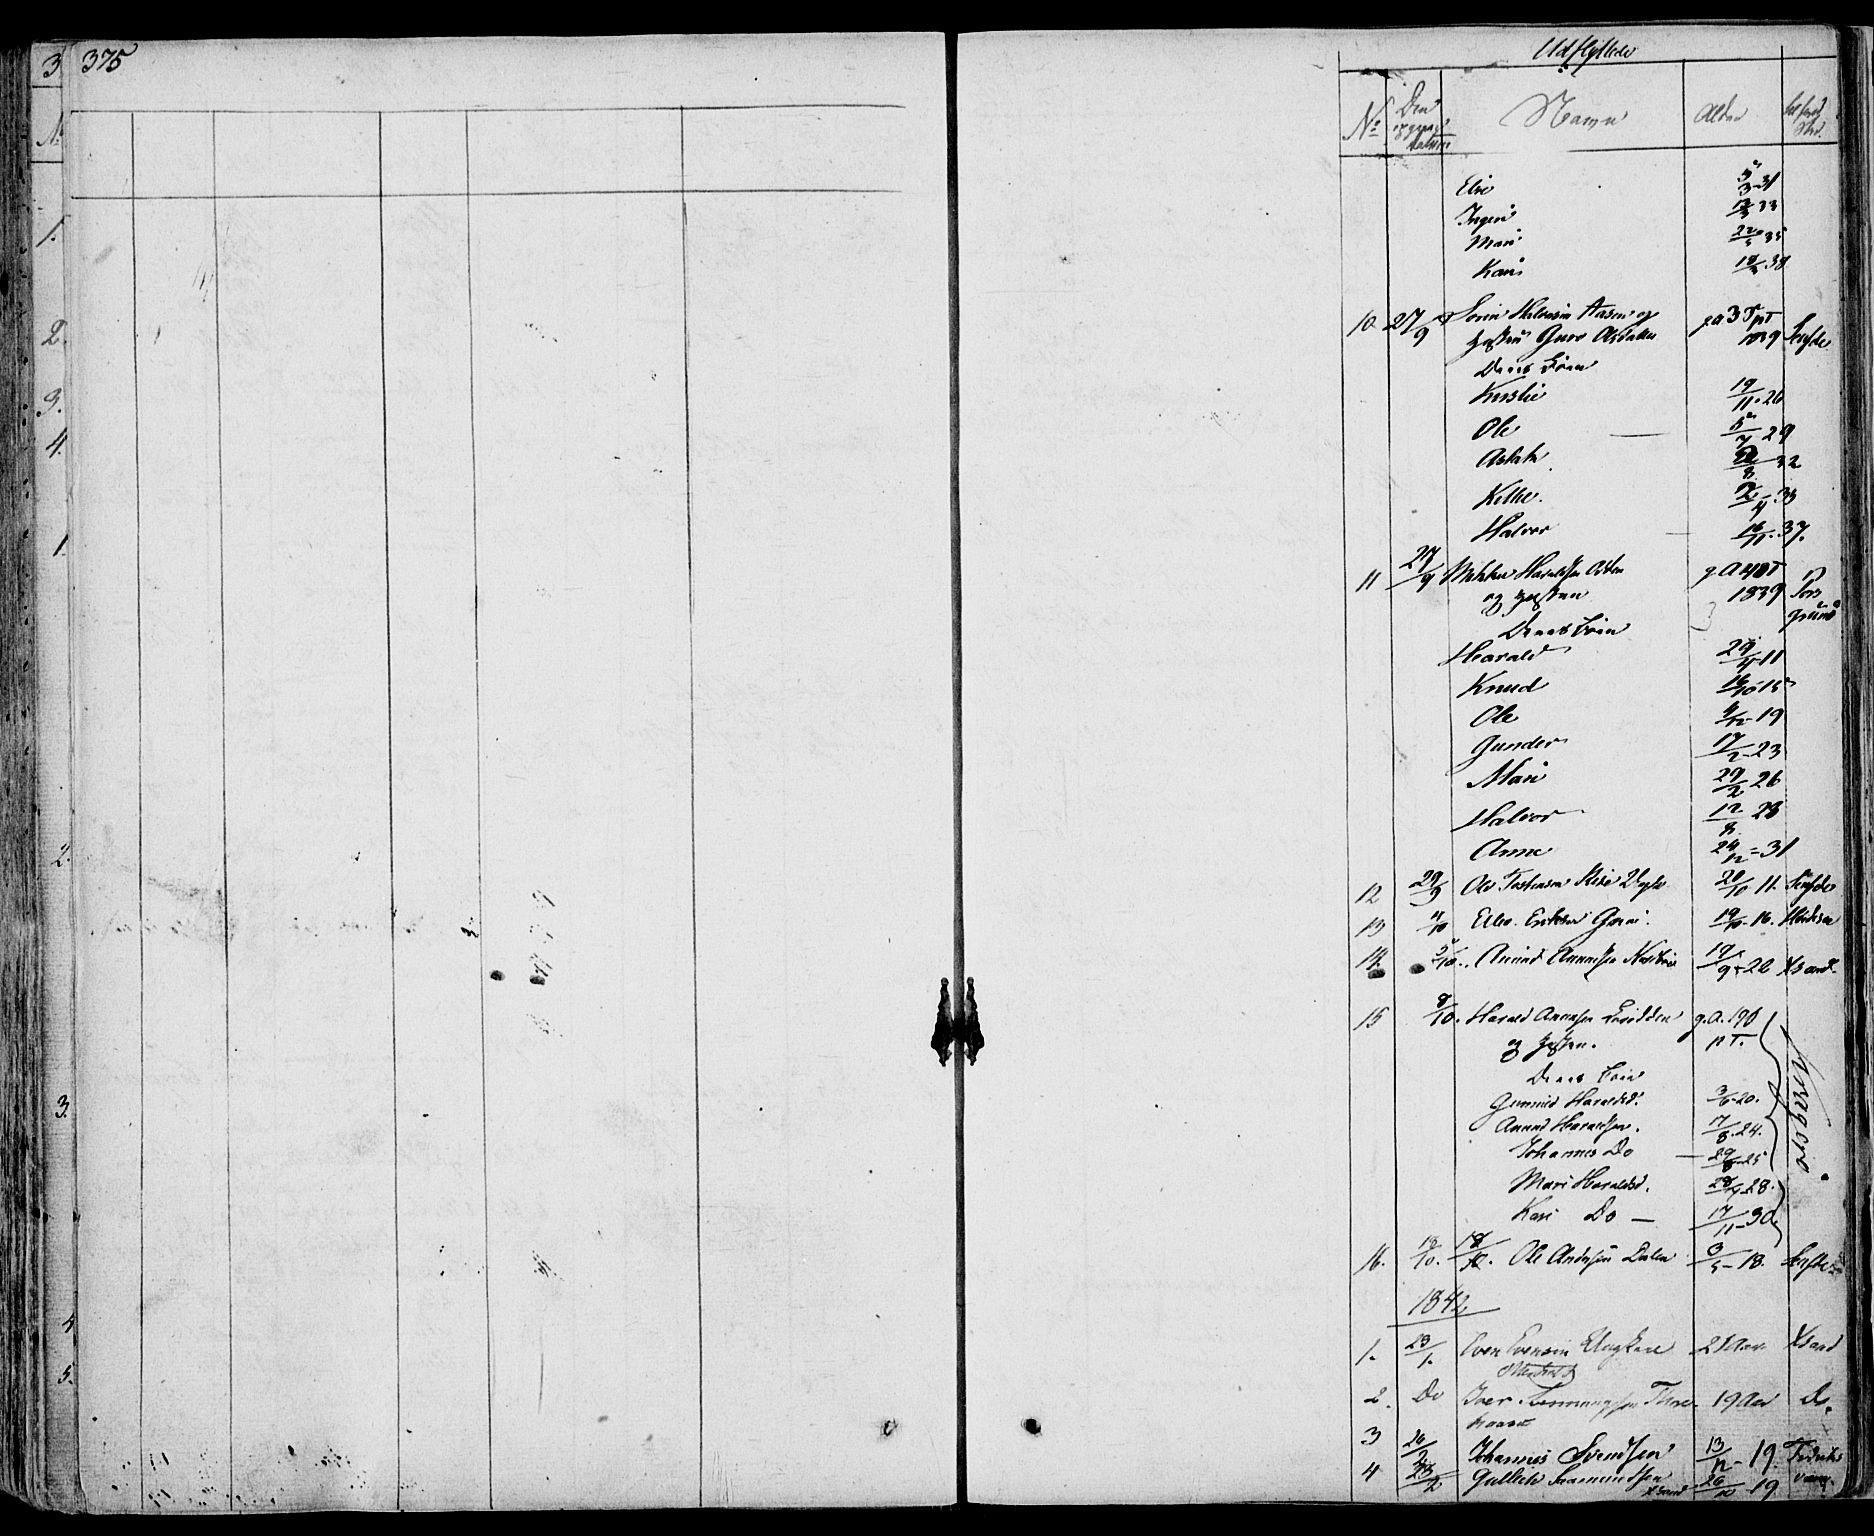 SAKO, Bø kirkebøker, F/Fa/L0007: Ministerialbok nr. 7, 1831-1848, s. 375